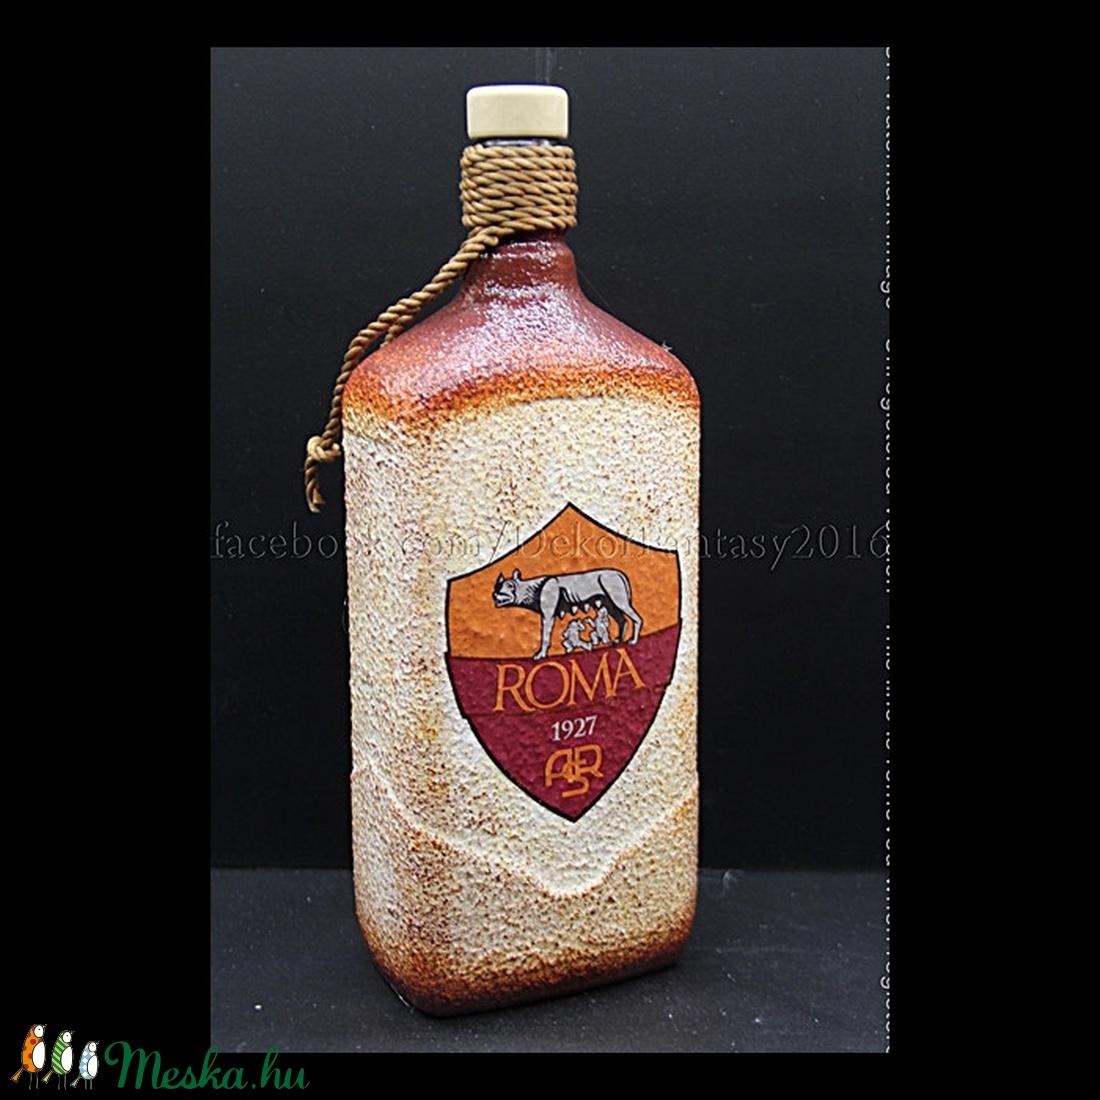 AS ROMA  emblémával díszített üveg ( 1,0 l ) (decorfantasy) - Meska.hu